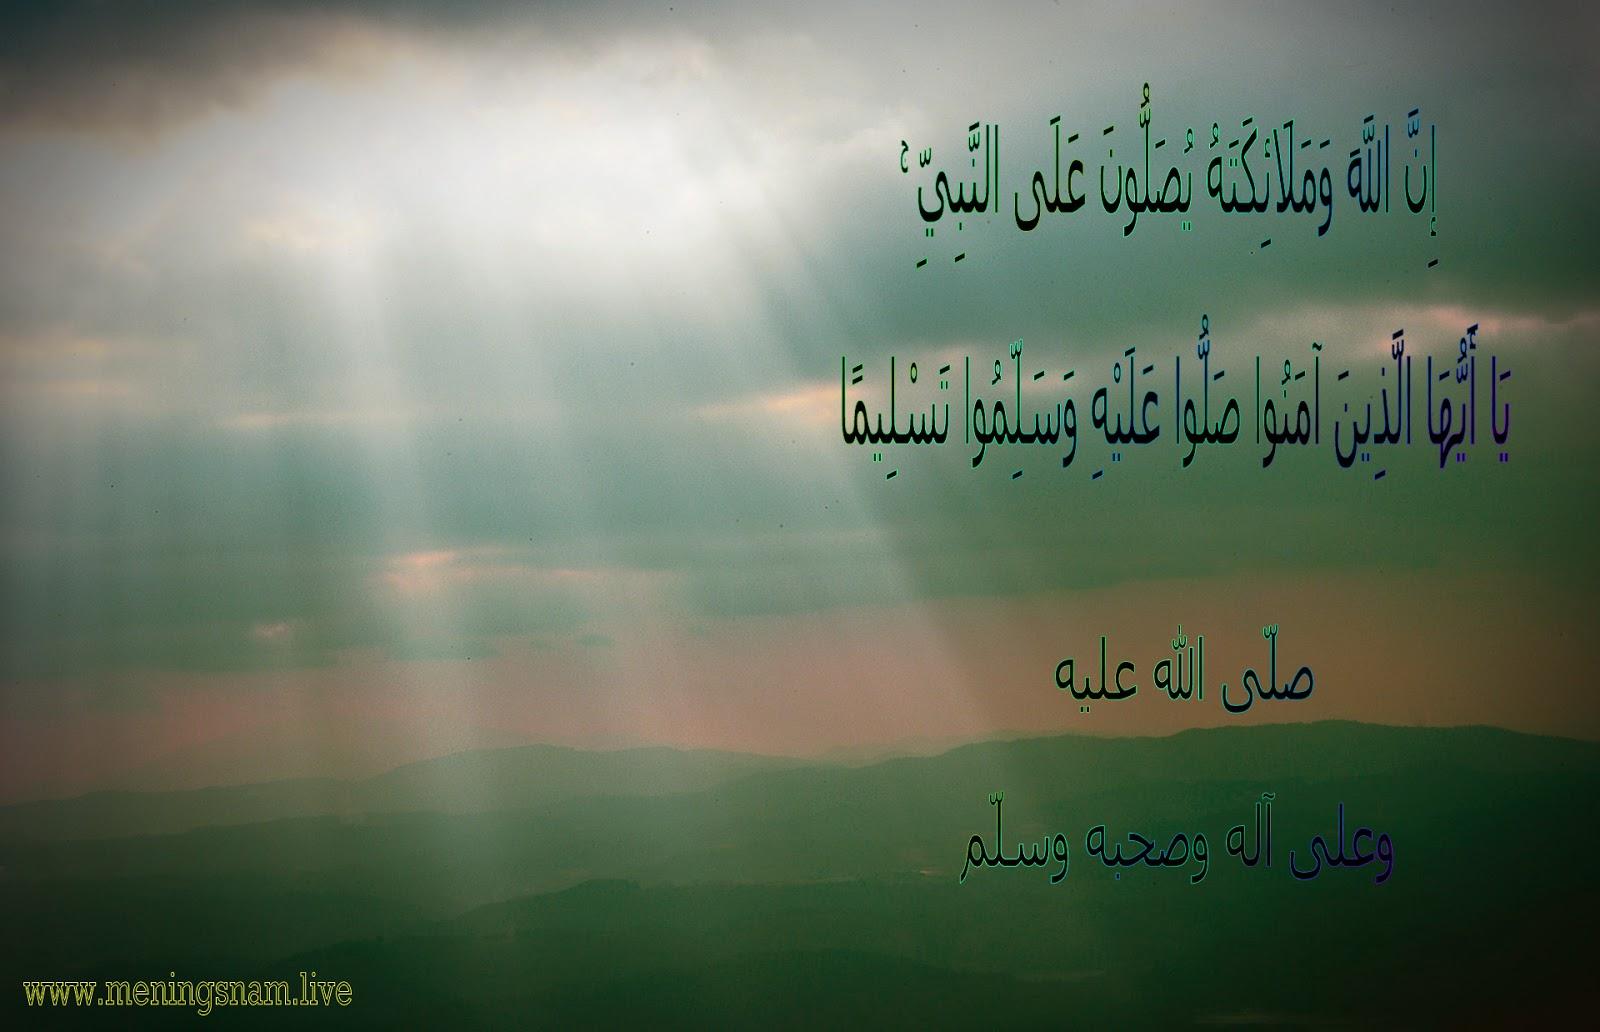 الصلاة على النبي ص يوم الجمعة وفضلها على المرء Prayer On The